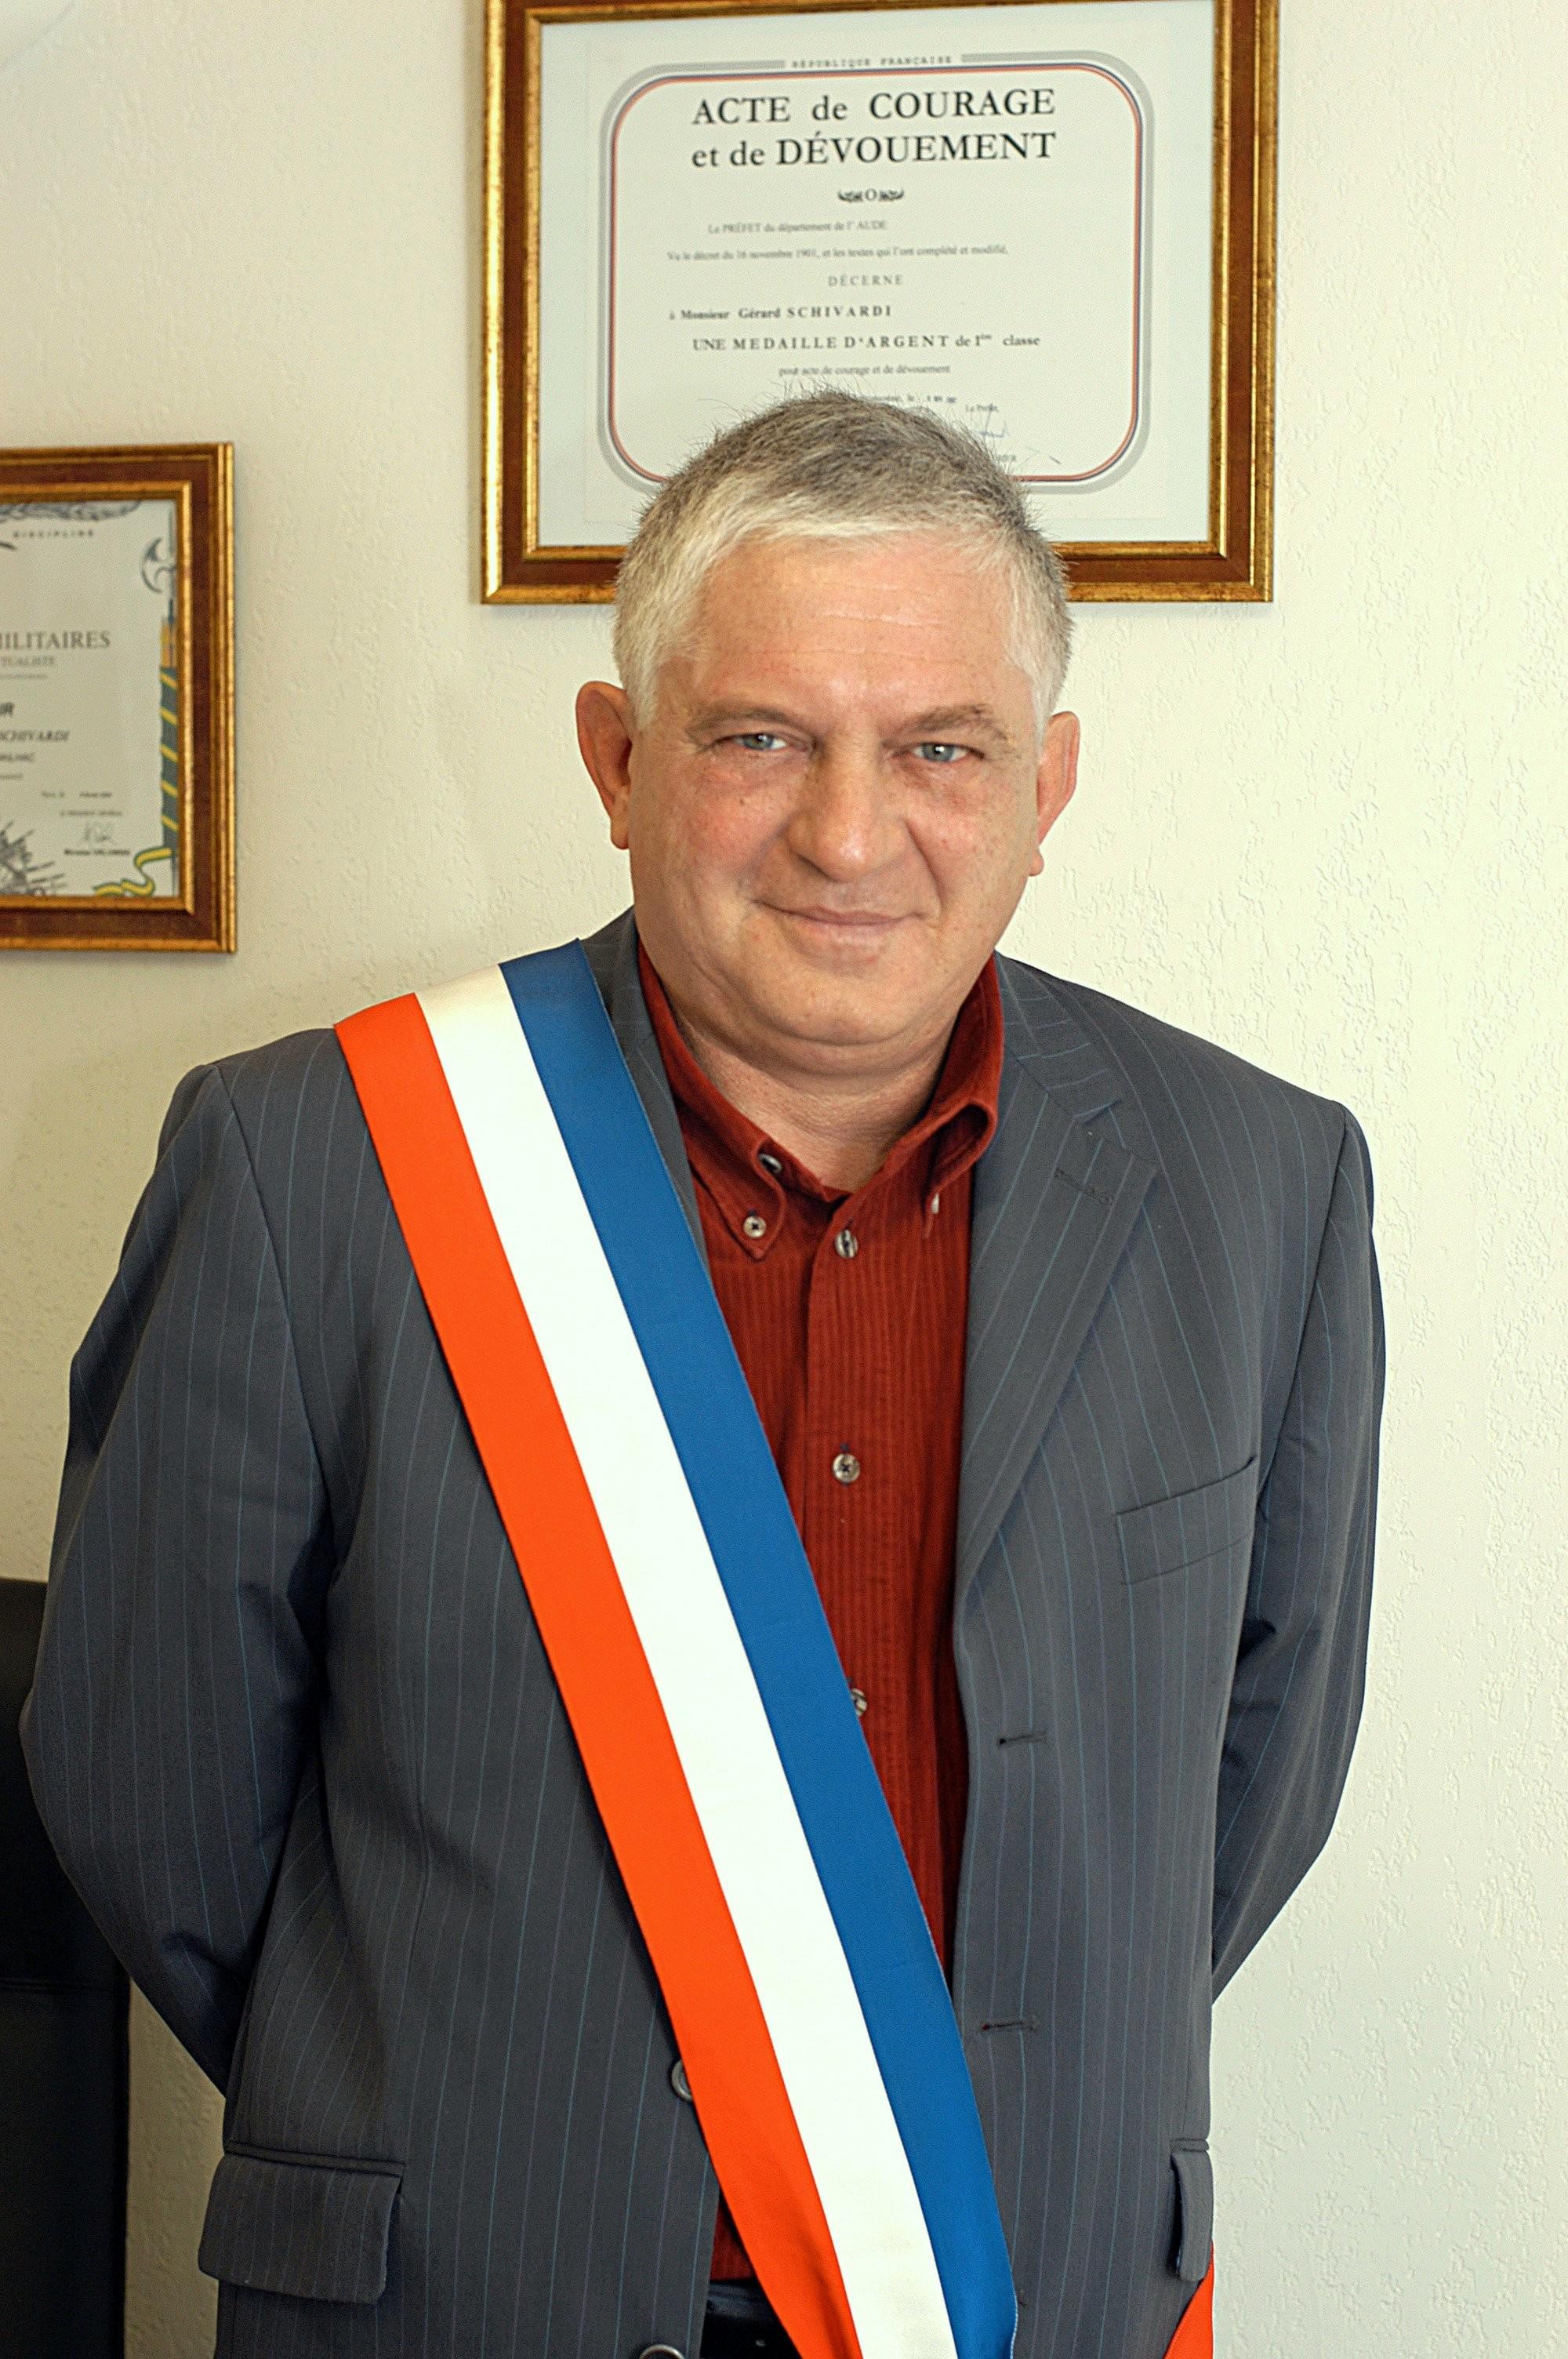 Écharpe à rayures tricolore de maire